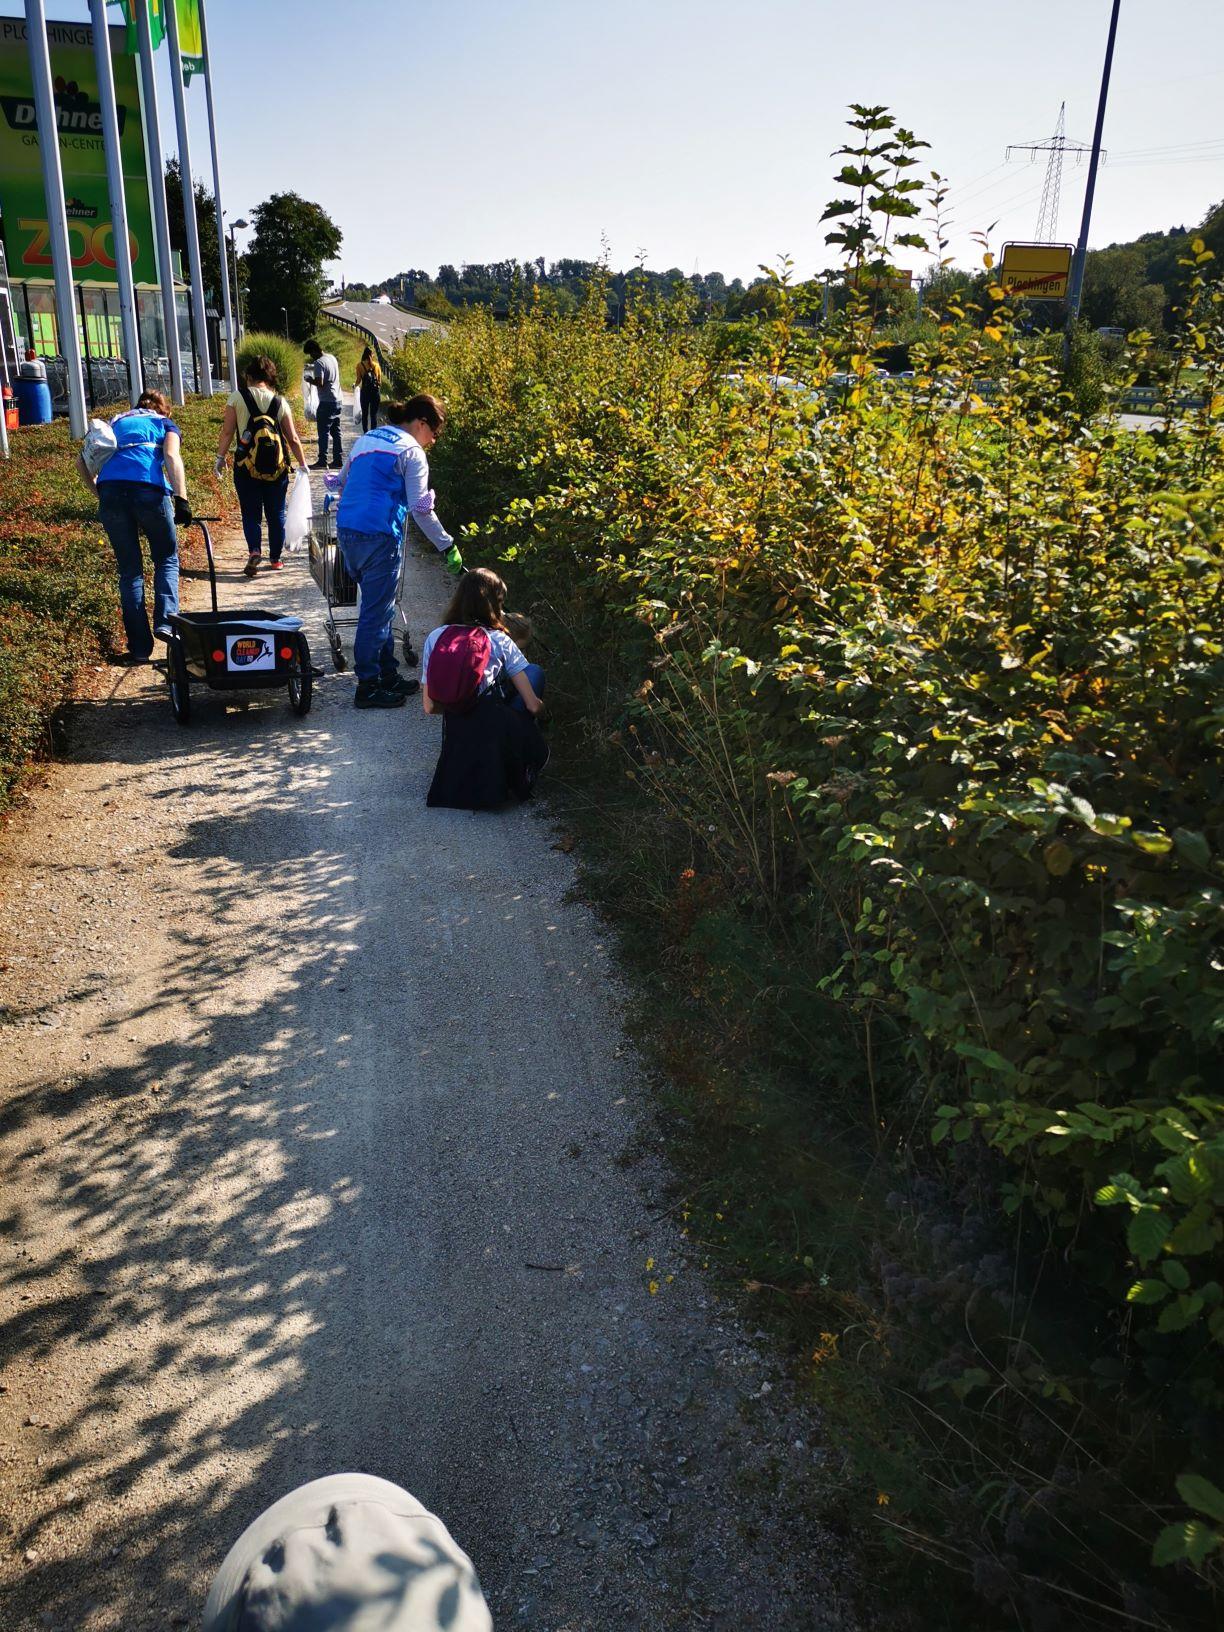 DECATHLON Plochingen - für ein sauberes Spielfeld (Baden-Württemberg)